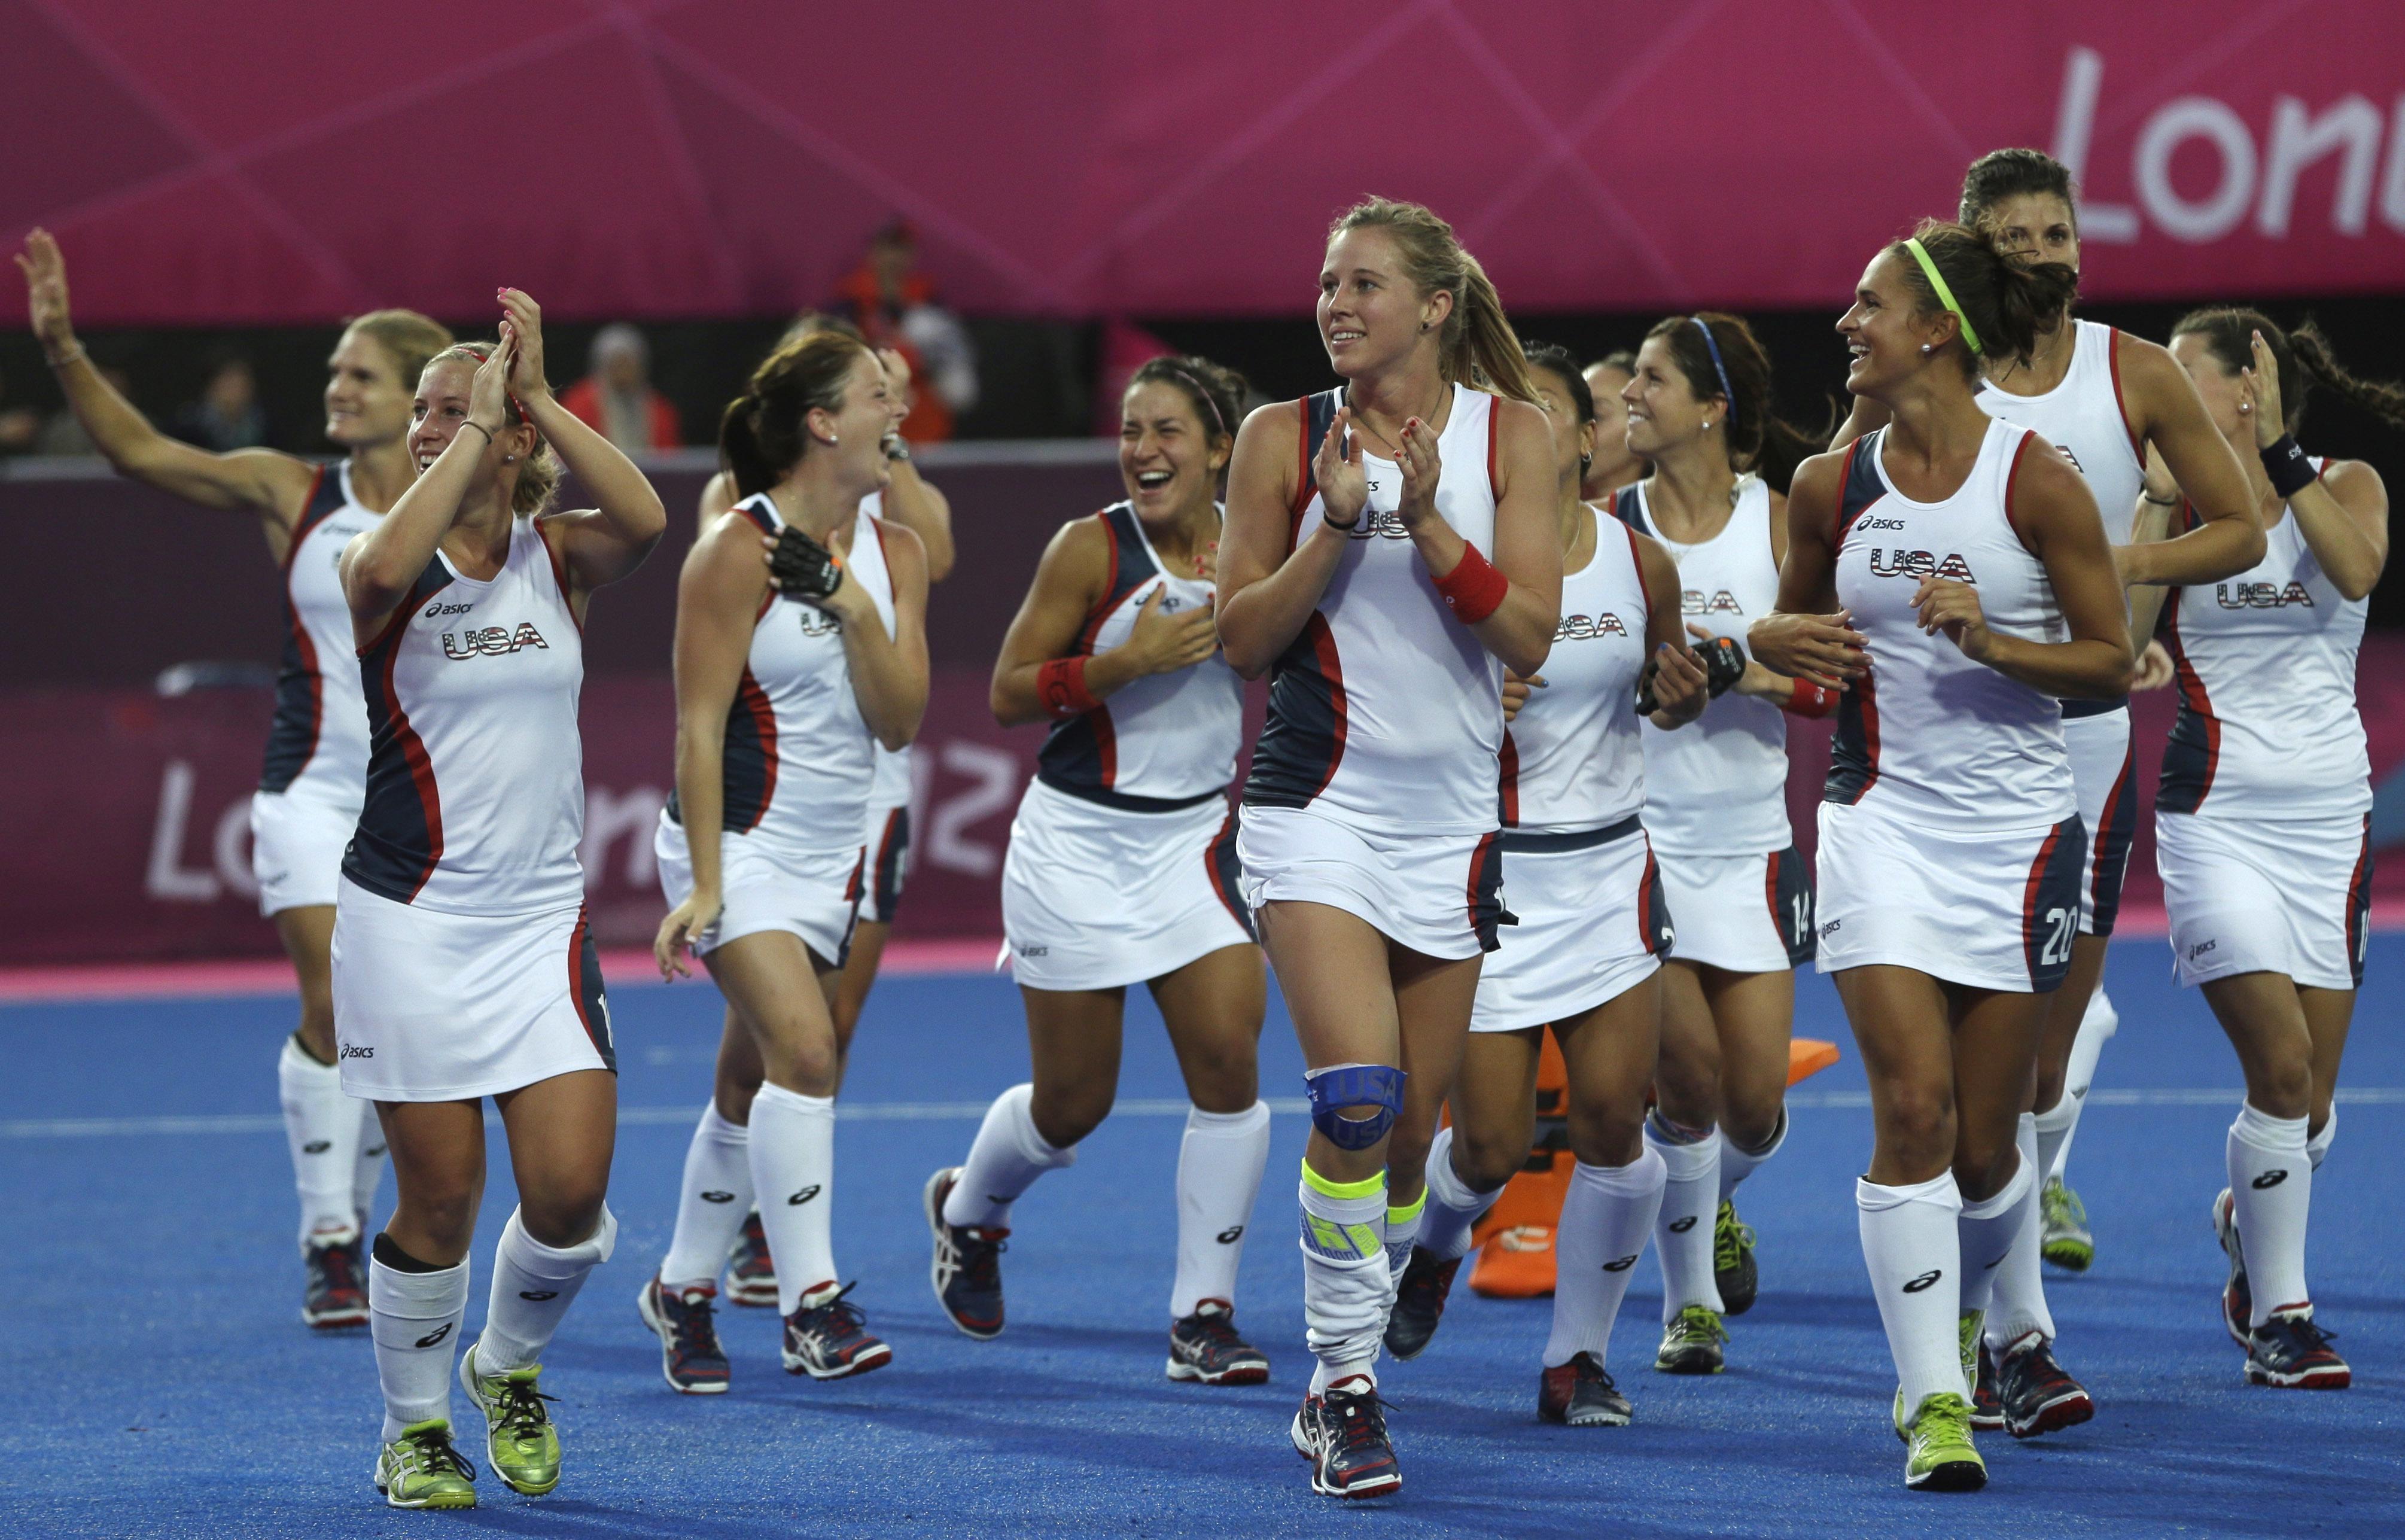 Usa Women S Field Hockey Believes It Has Joined The Elite Field Hockey Womens Field Hockey London Summer Olympics